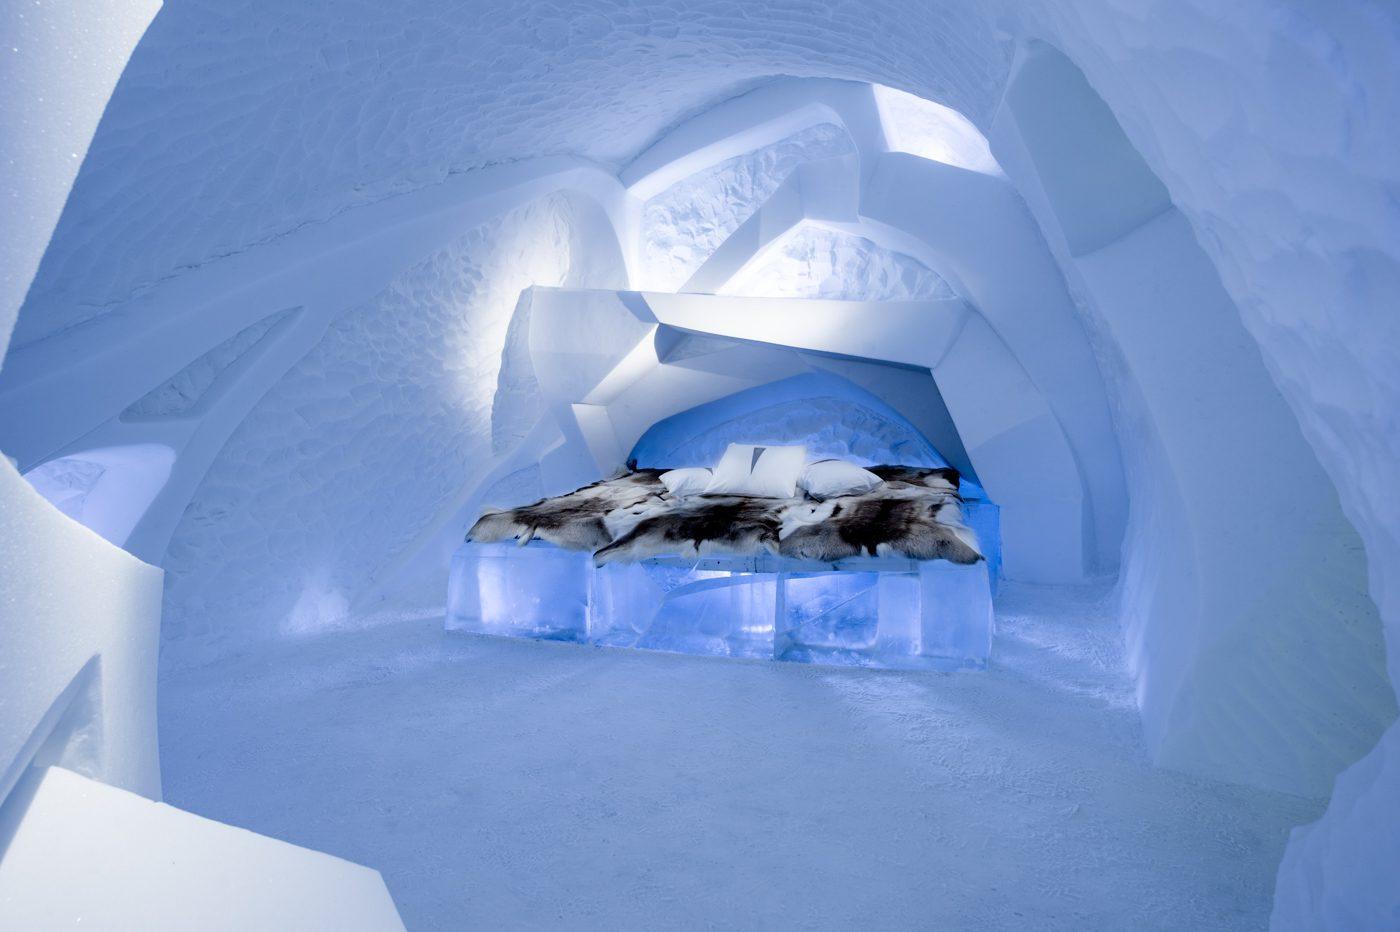 art-suite-livoq-icehotel-28-1400x932.jpg